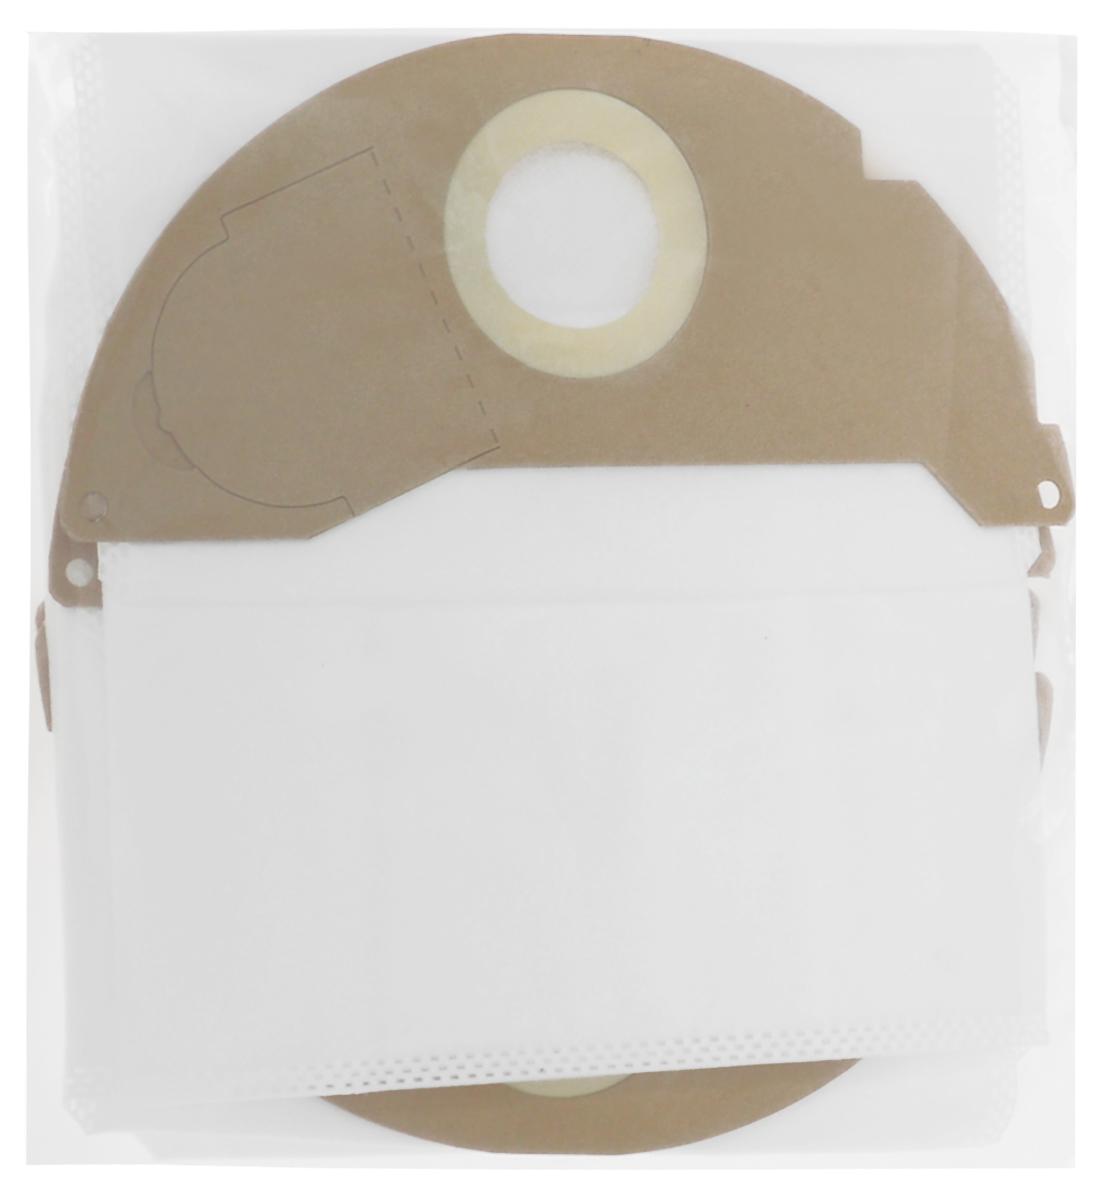 Filtero KAR 05 Pro комплект пылесборников для промышленных пылесосов, 4 шт пылесборник filtero kar 20 2 pro для промышленных пылесосов